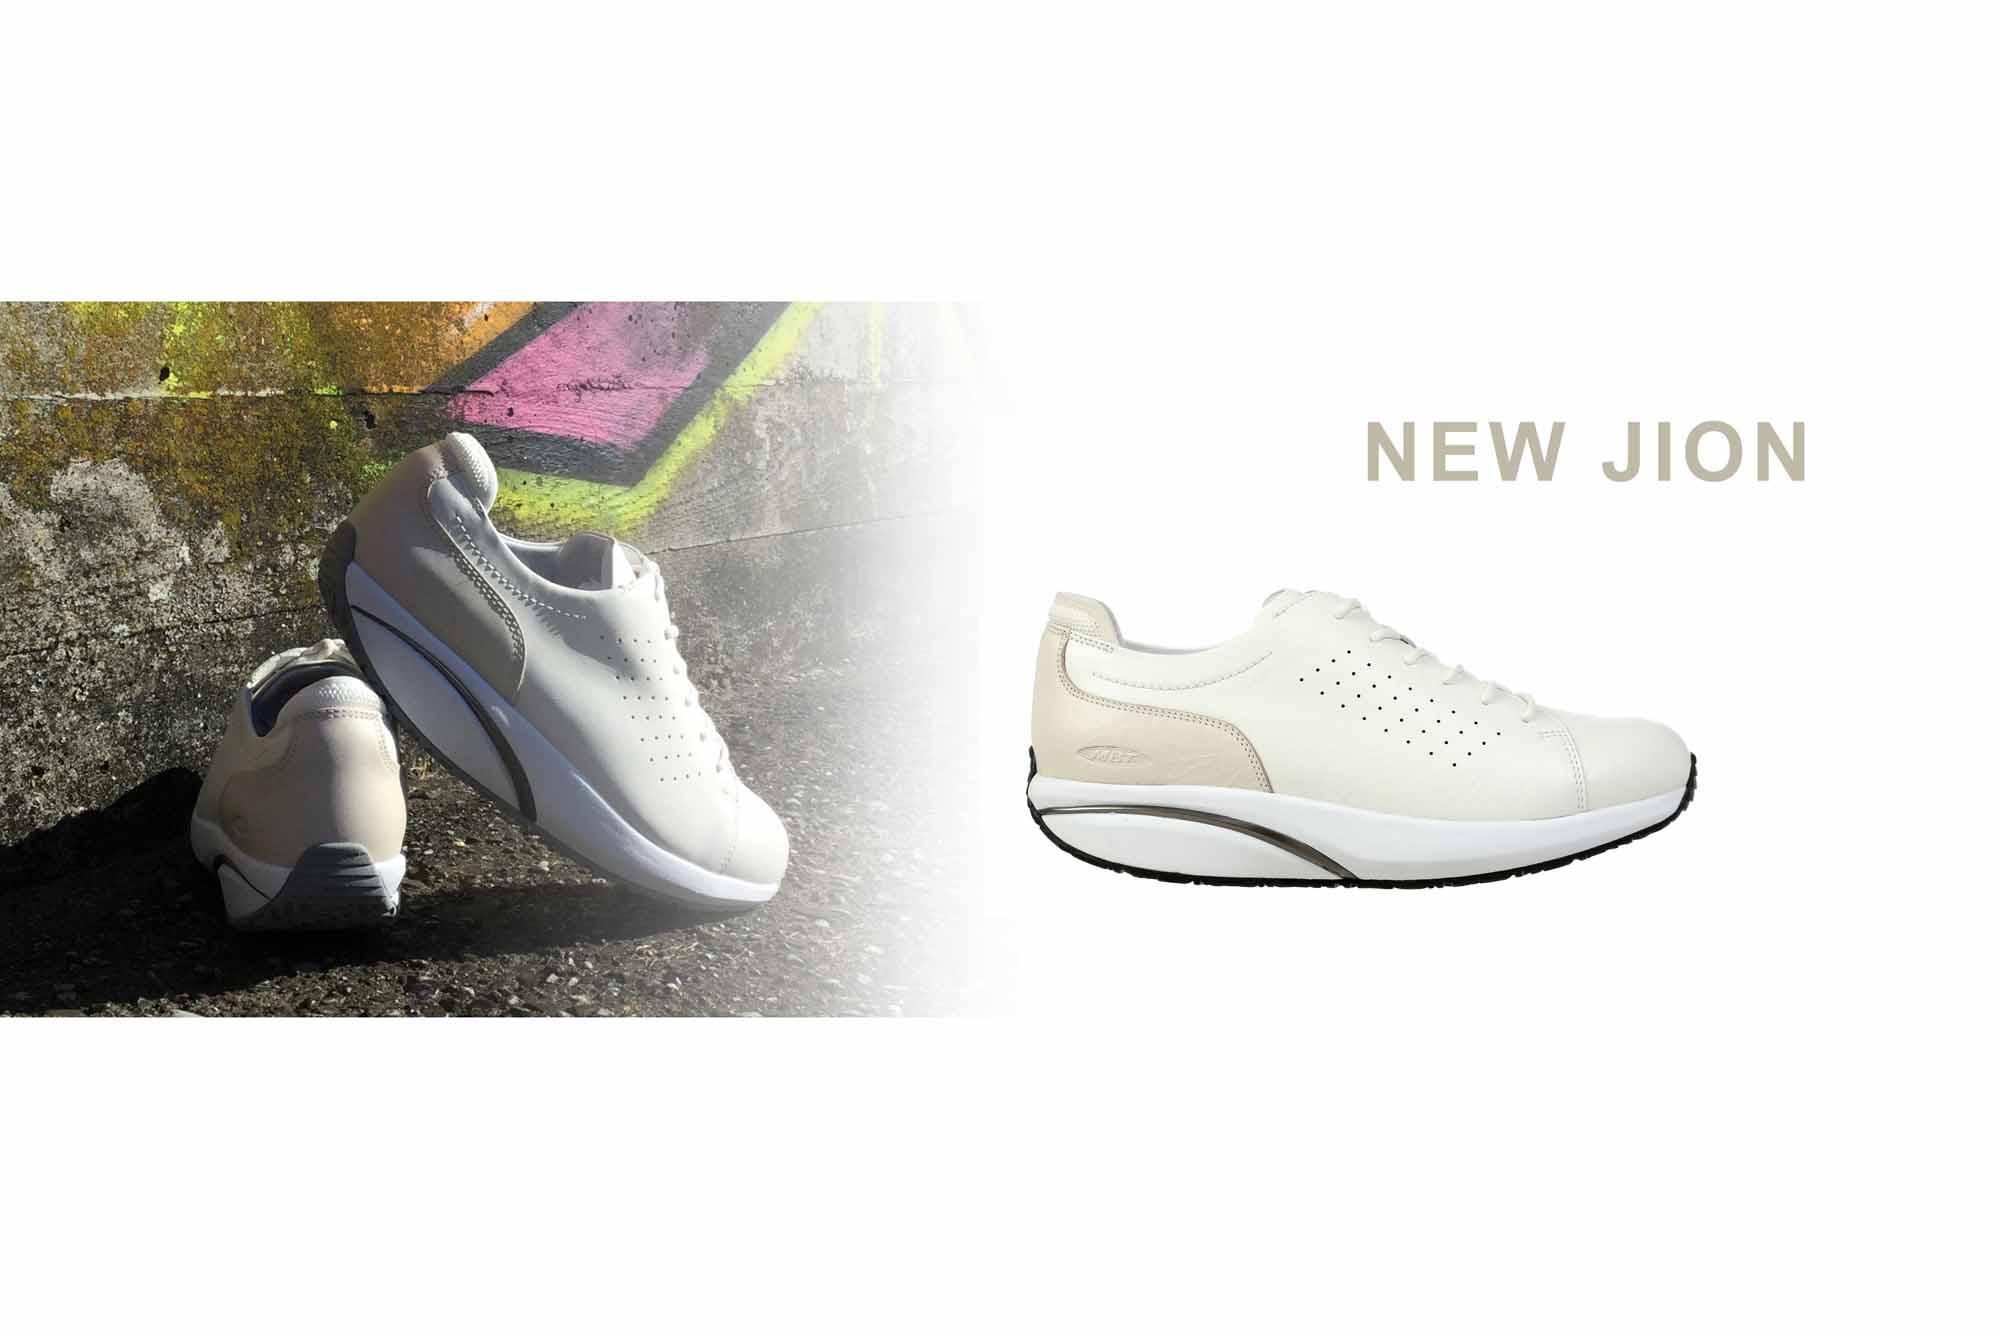 MBT Schuhe Neuheiten JION Emotionsbild